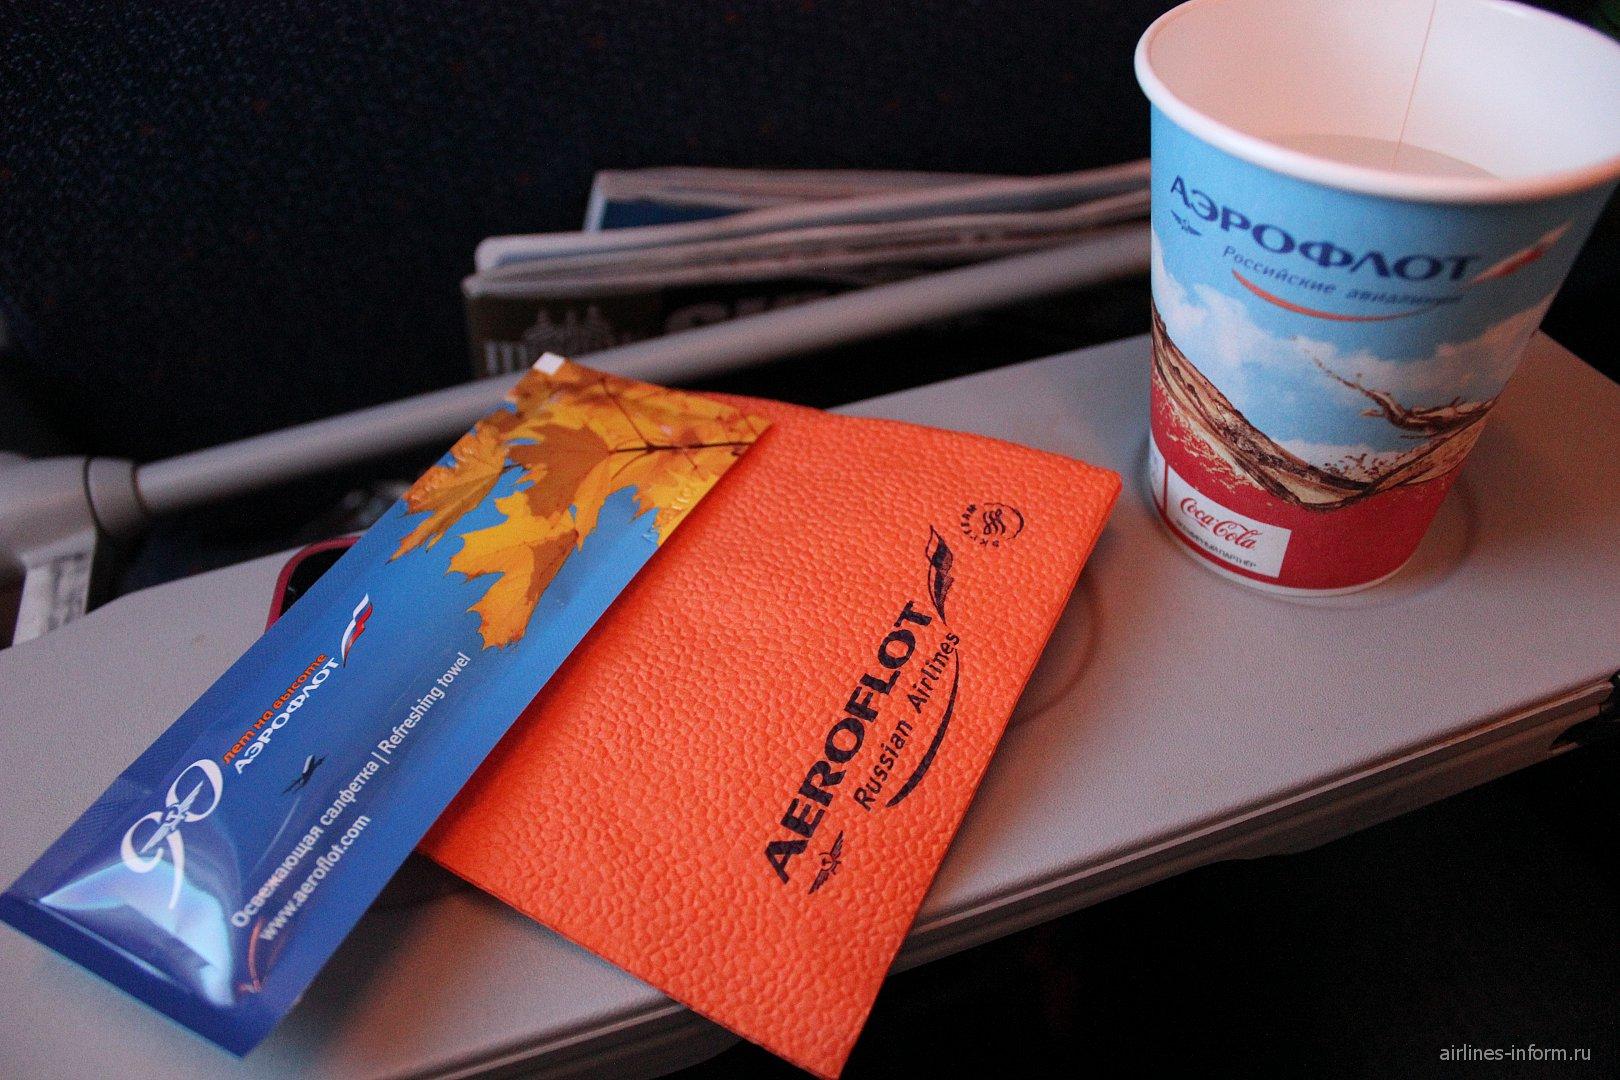 Фирменные салфетки и бумажный стаканчик Аэрофлота